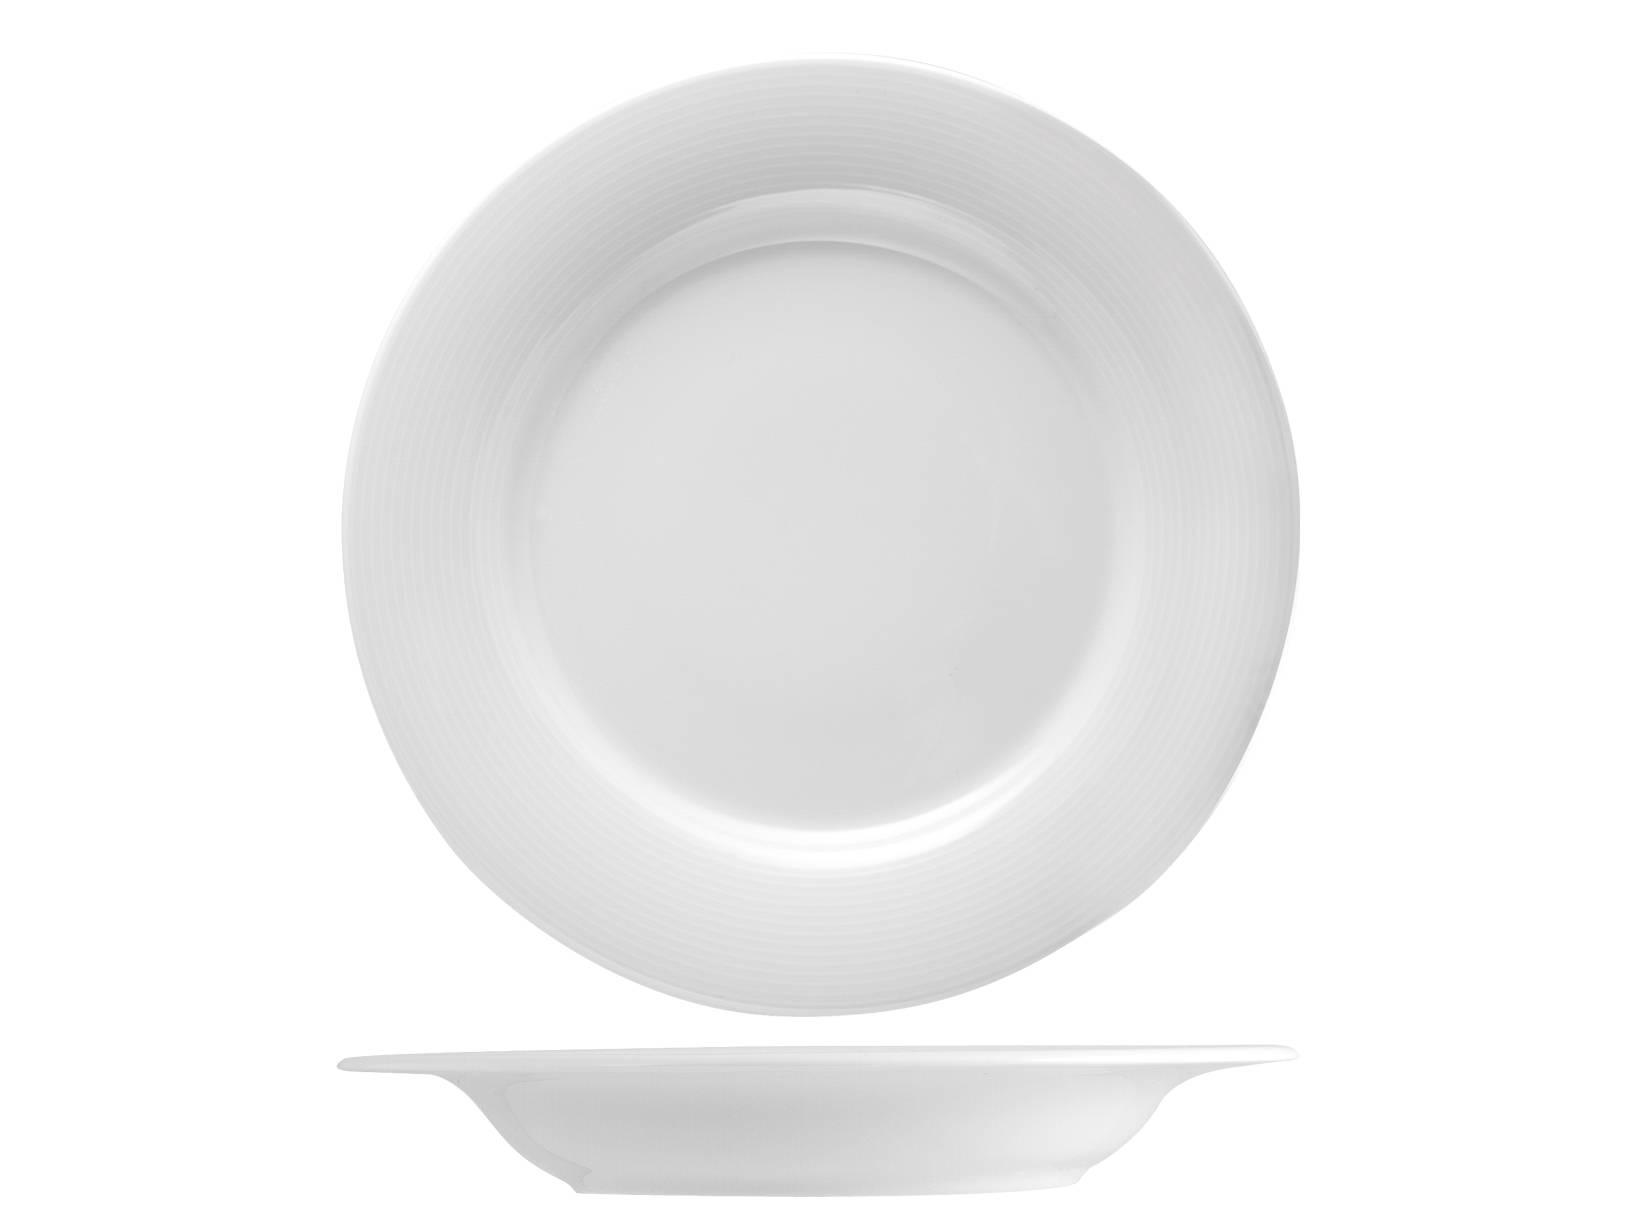 12 Piatti In Porcellana Firenze Bianco Fondo